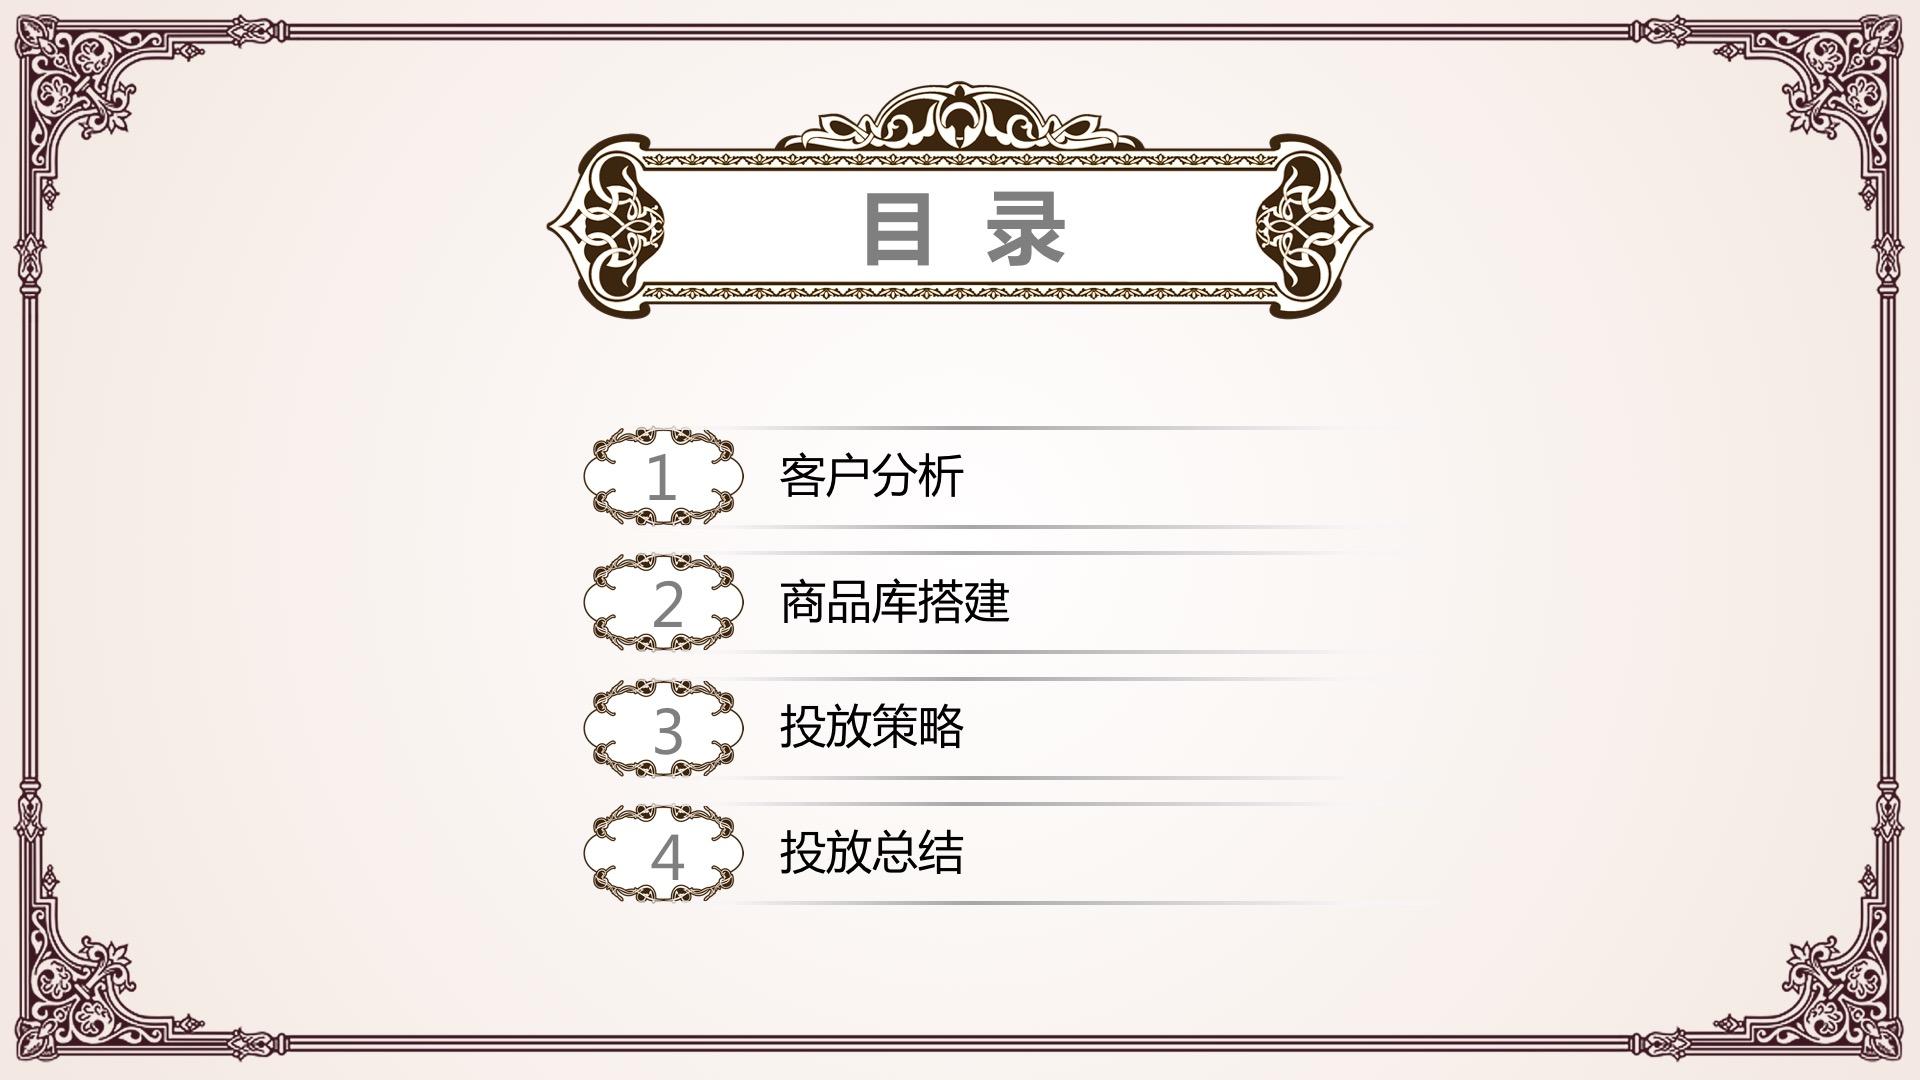 上苏+shbvip-优藏+商务服务+姜绪升2.jpg